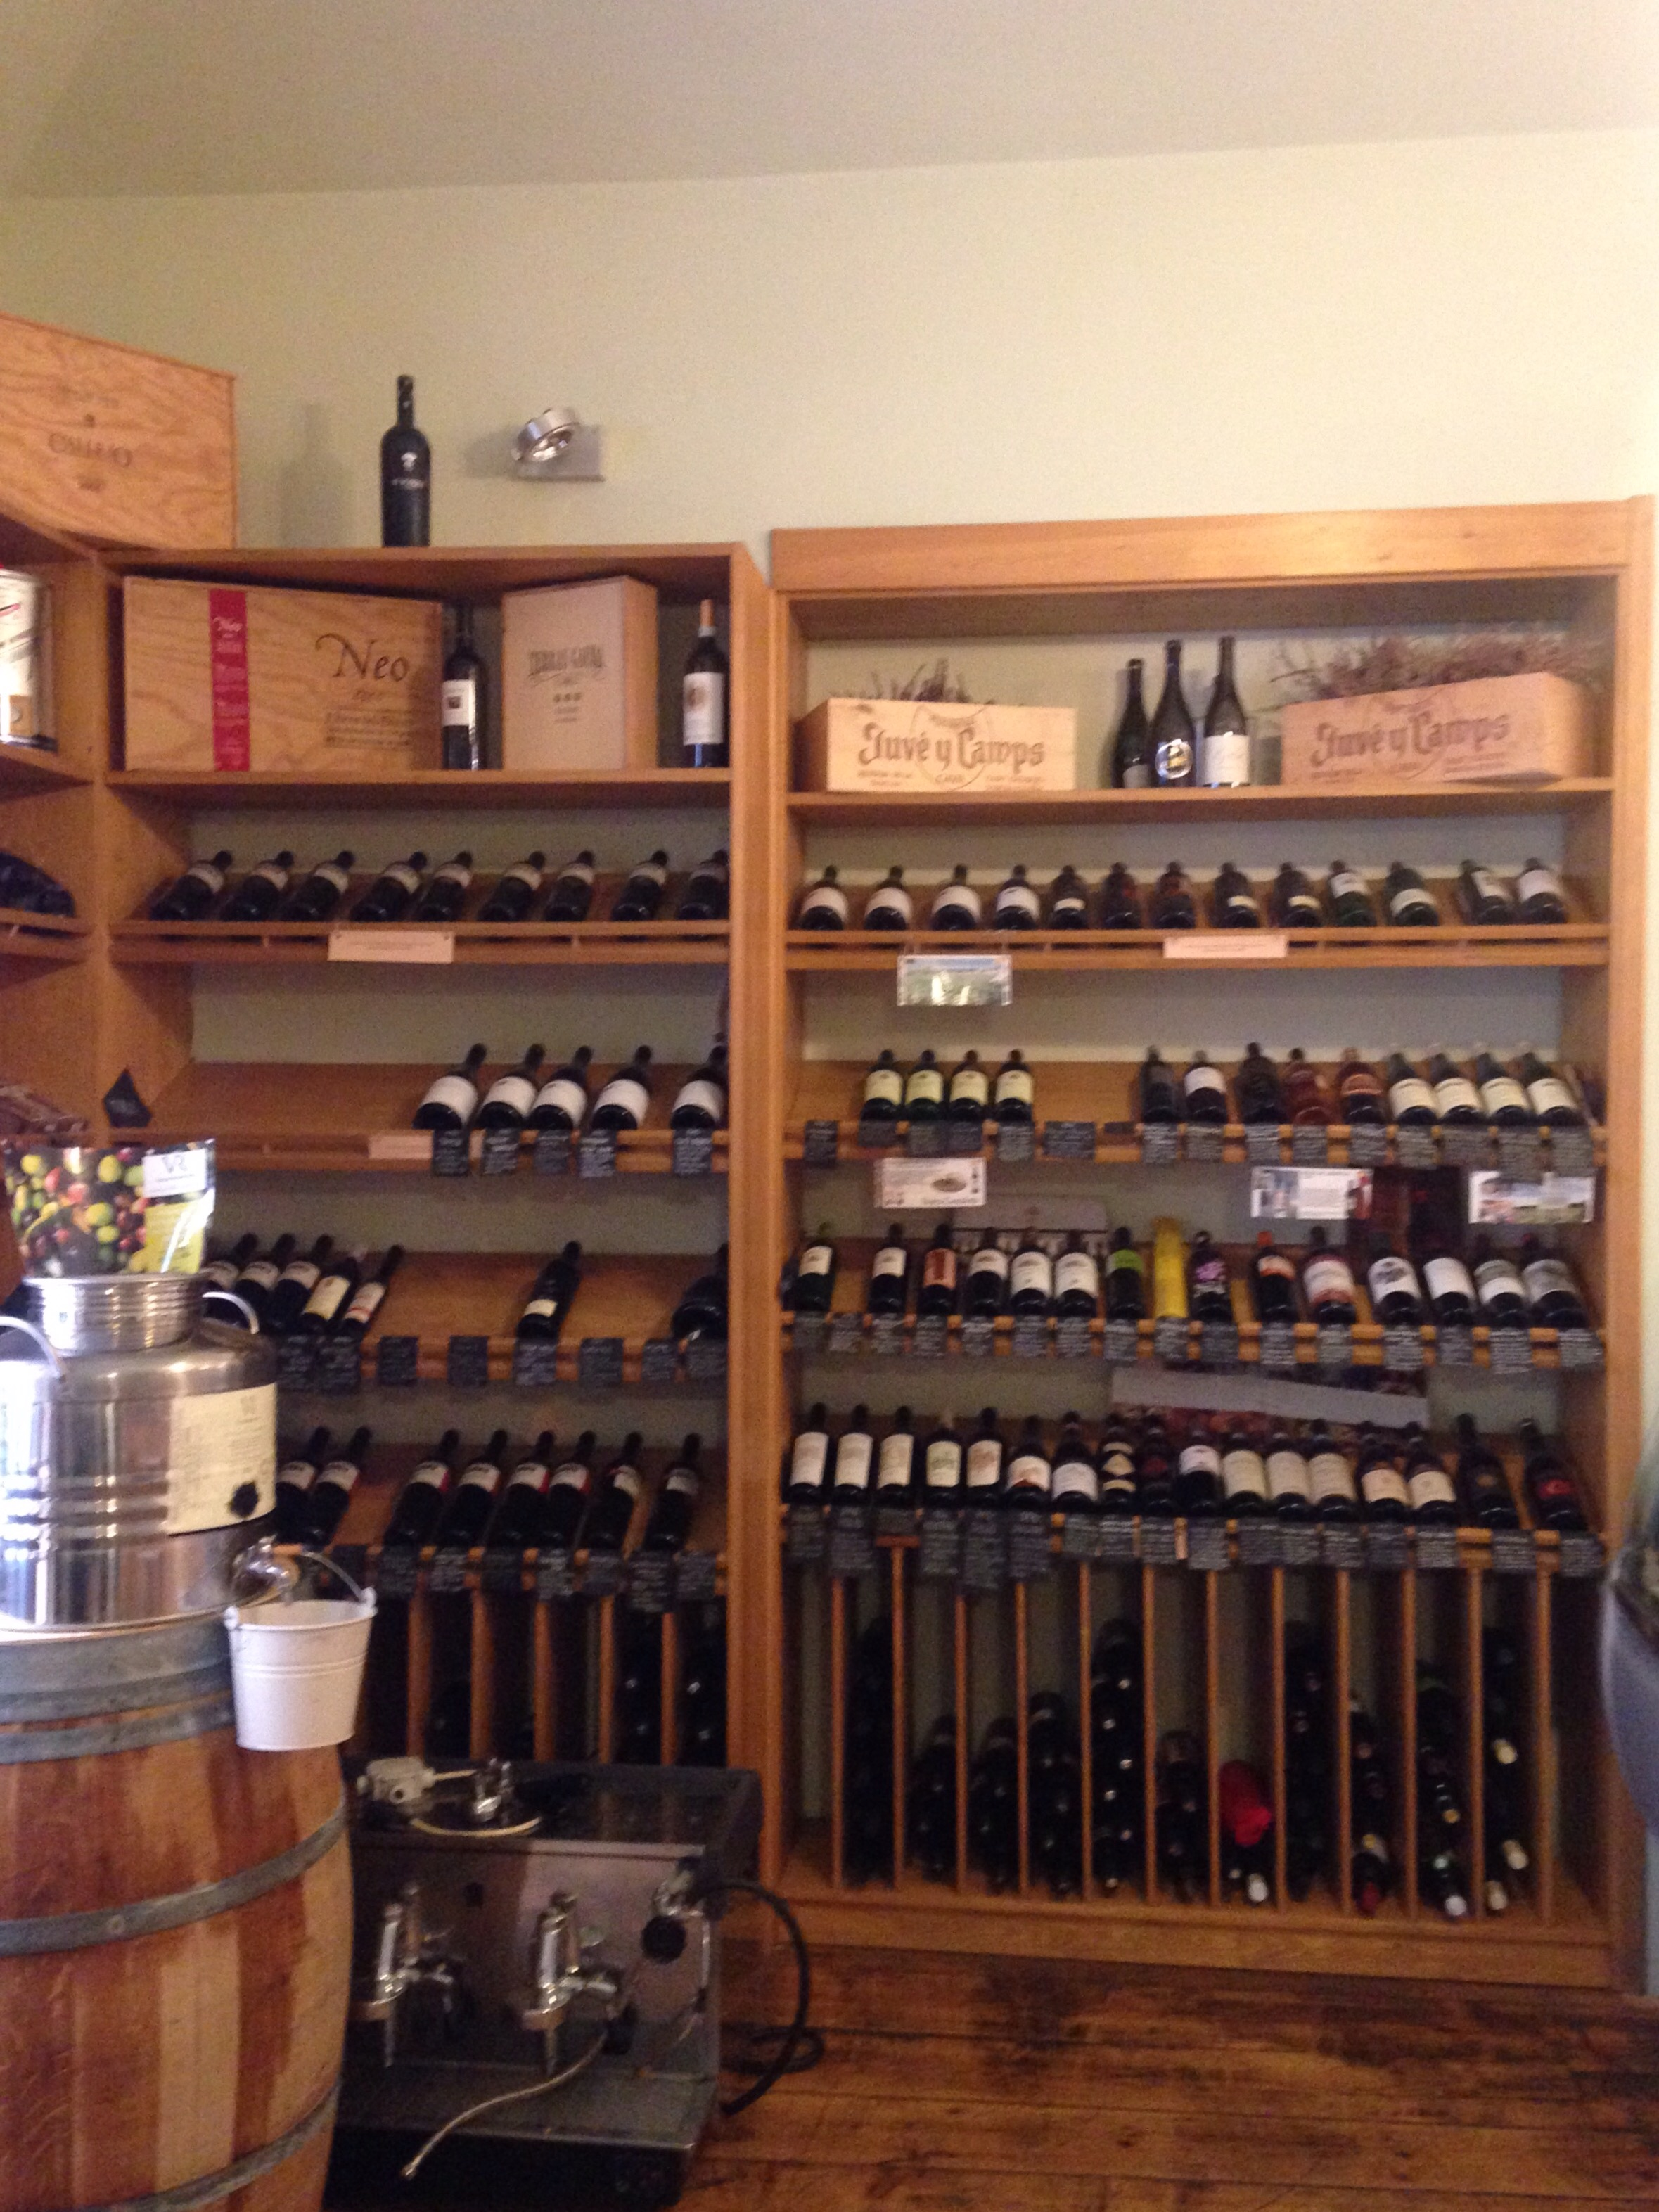 vína moravská, francouzská, španělská, italská...